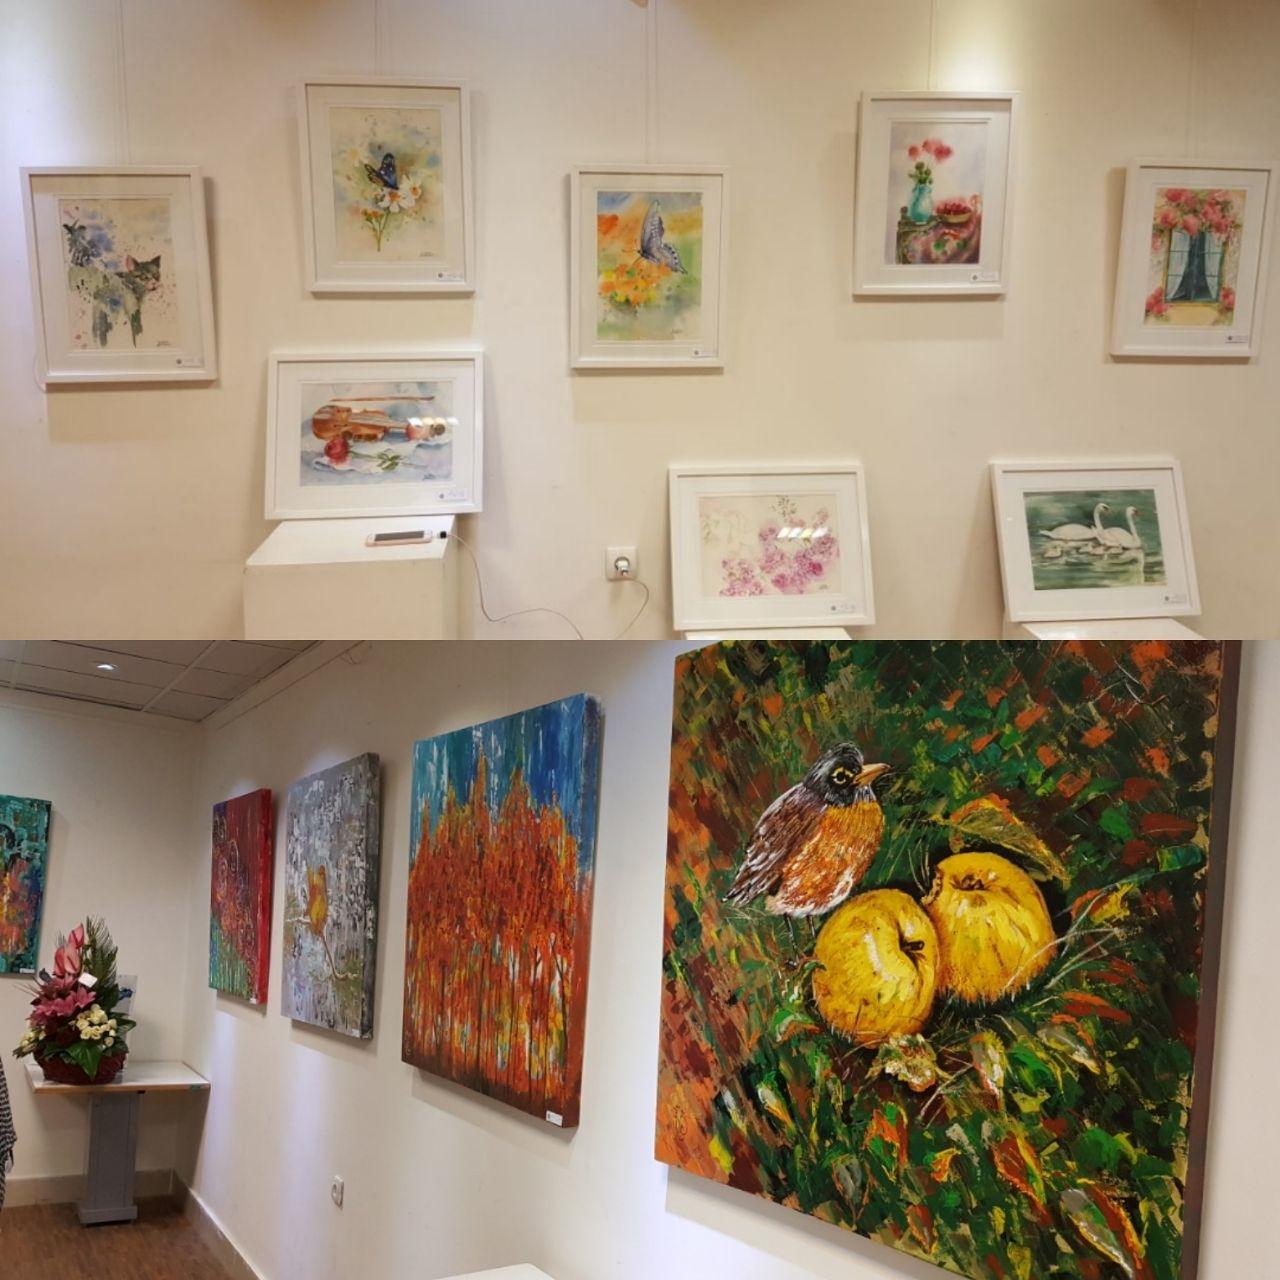 افتتاح نمایشگاه نقاشی اکرلیک و آبرنگ